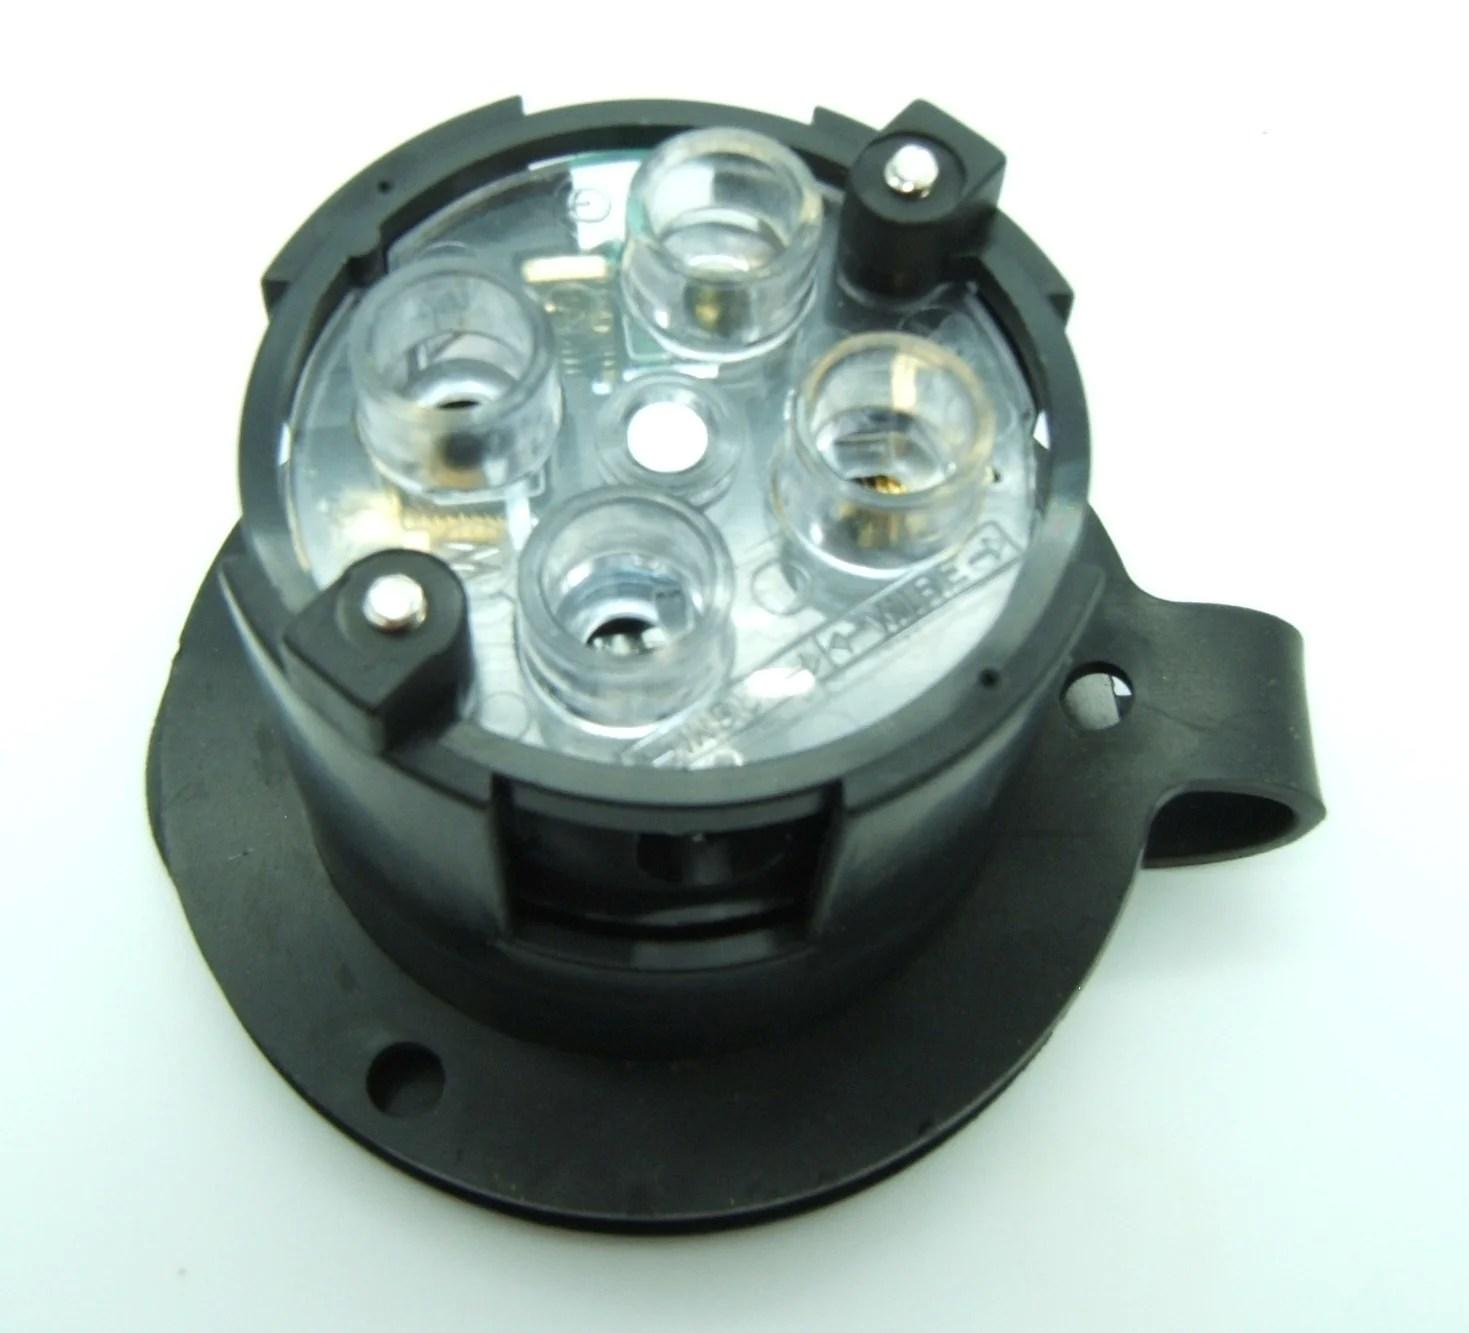 nema l14 30 flanged inlet plug 30a 250v locking receptacle socket black hjp  [ 1469 x 1333 Pixel ]